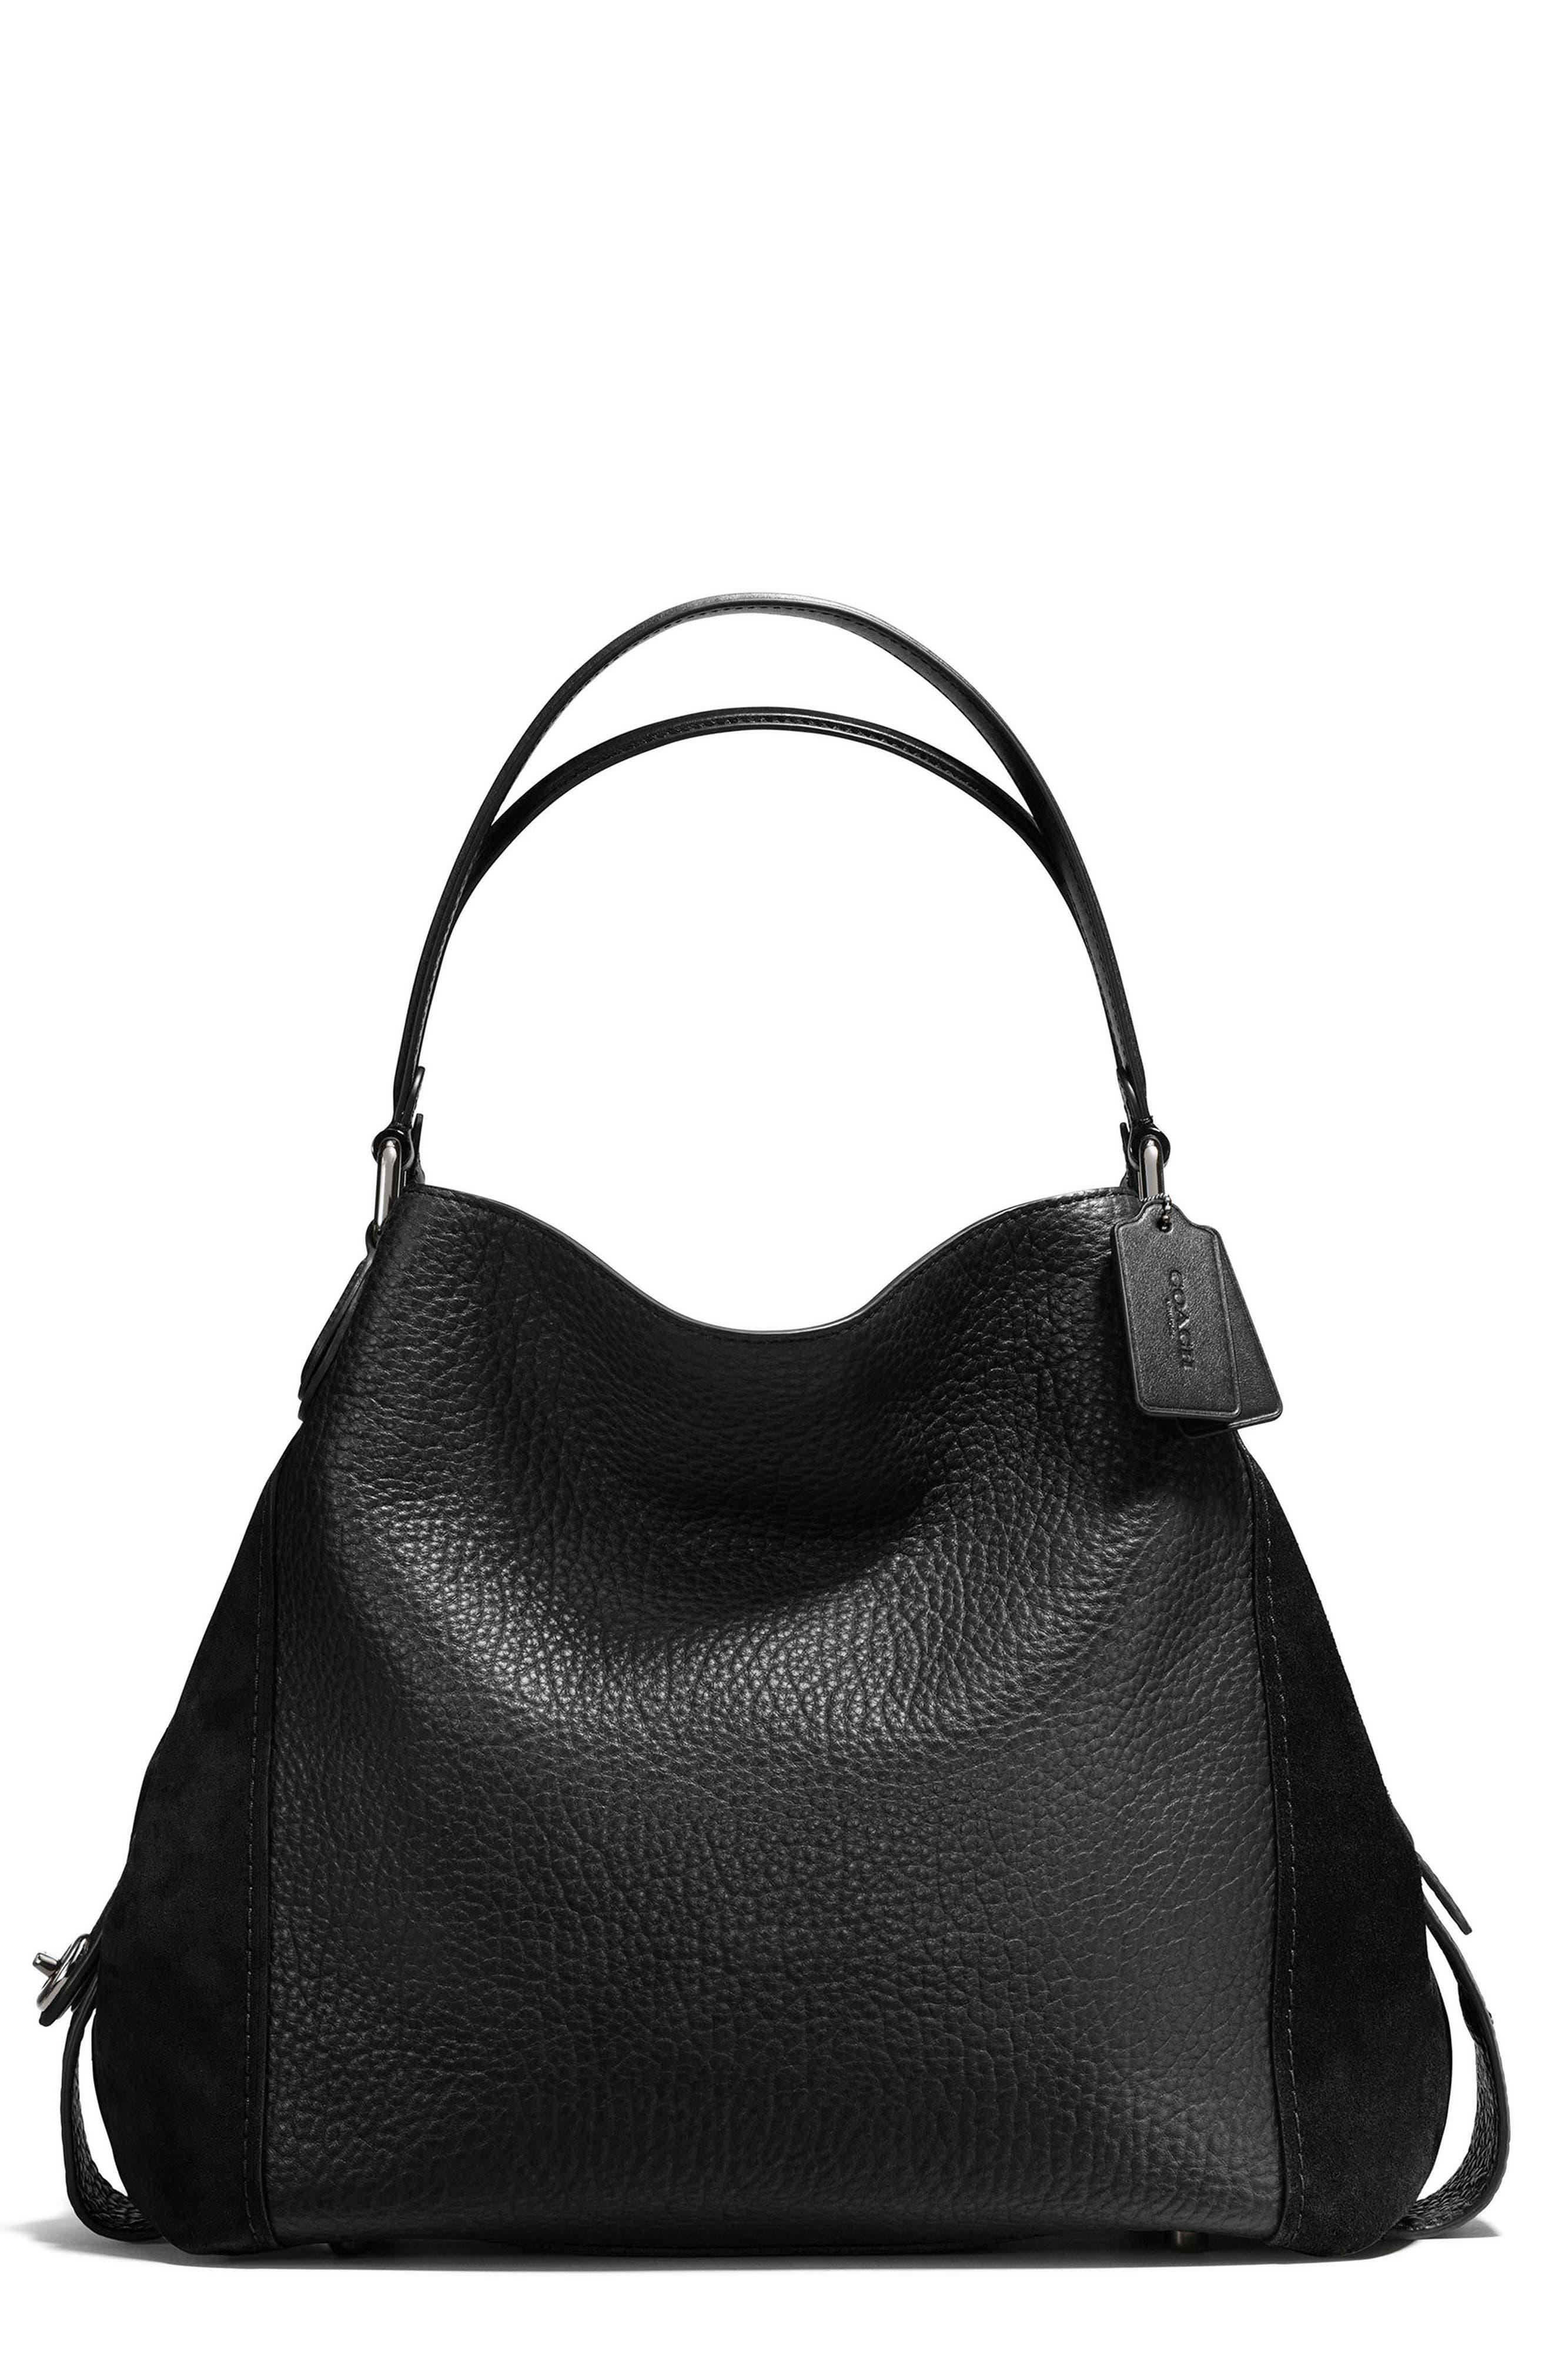 Edie 42 Leather & Suede Shoulder Bag,                             Main thumbnail 1, color,                             BLACK